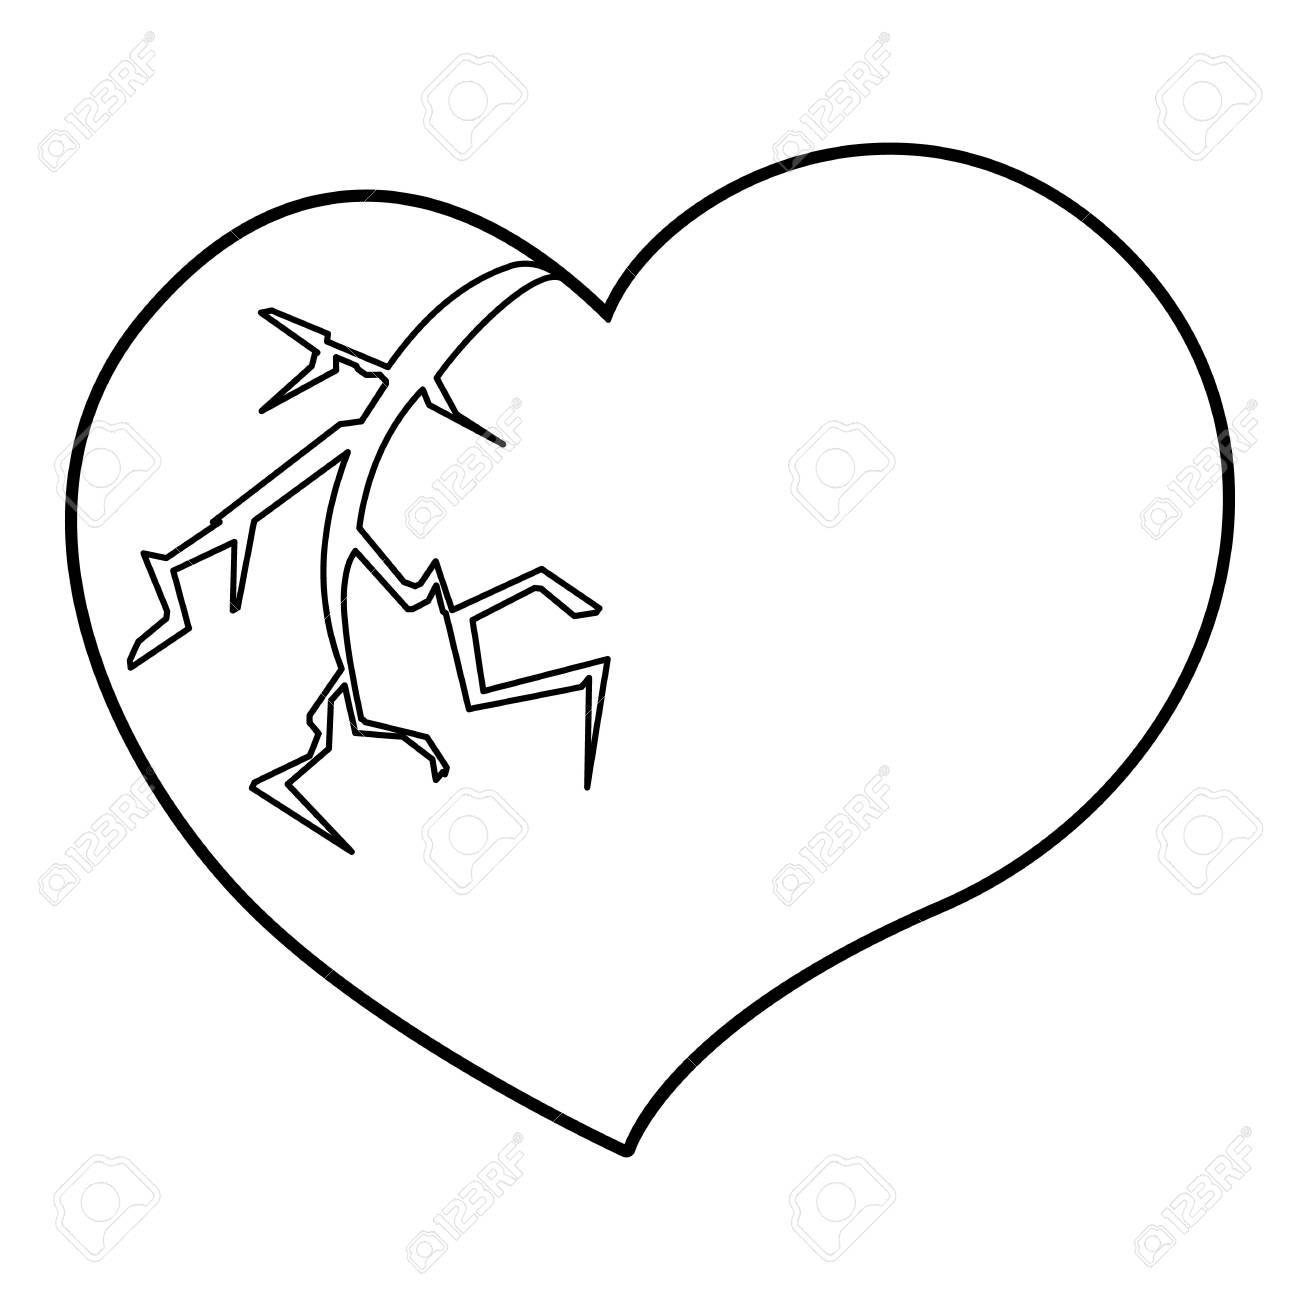 Gebrochenes Herz Zeichnen Einfach